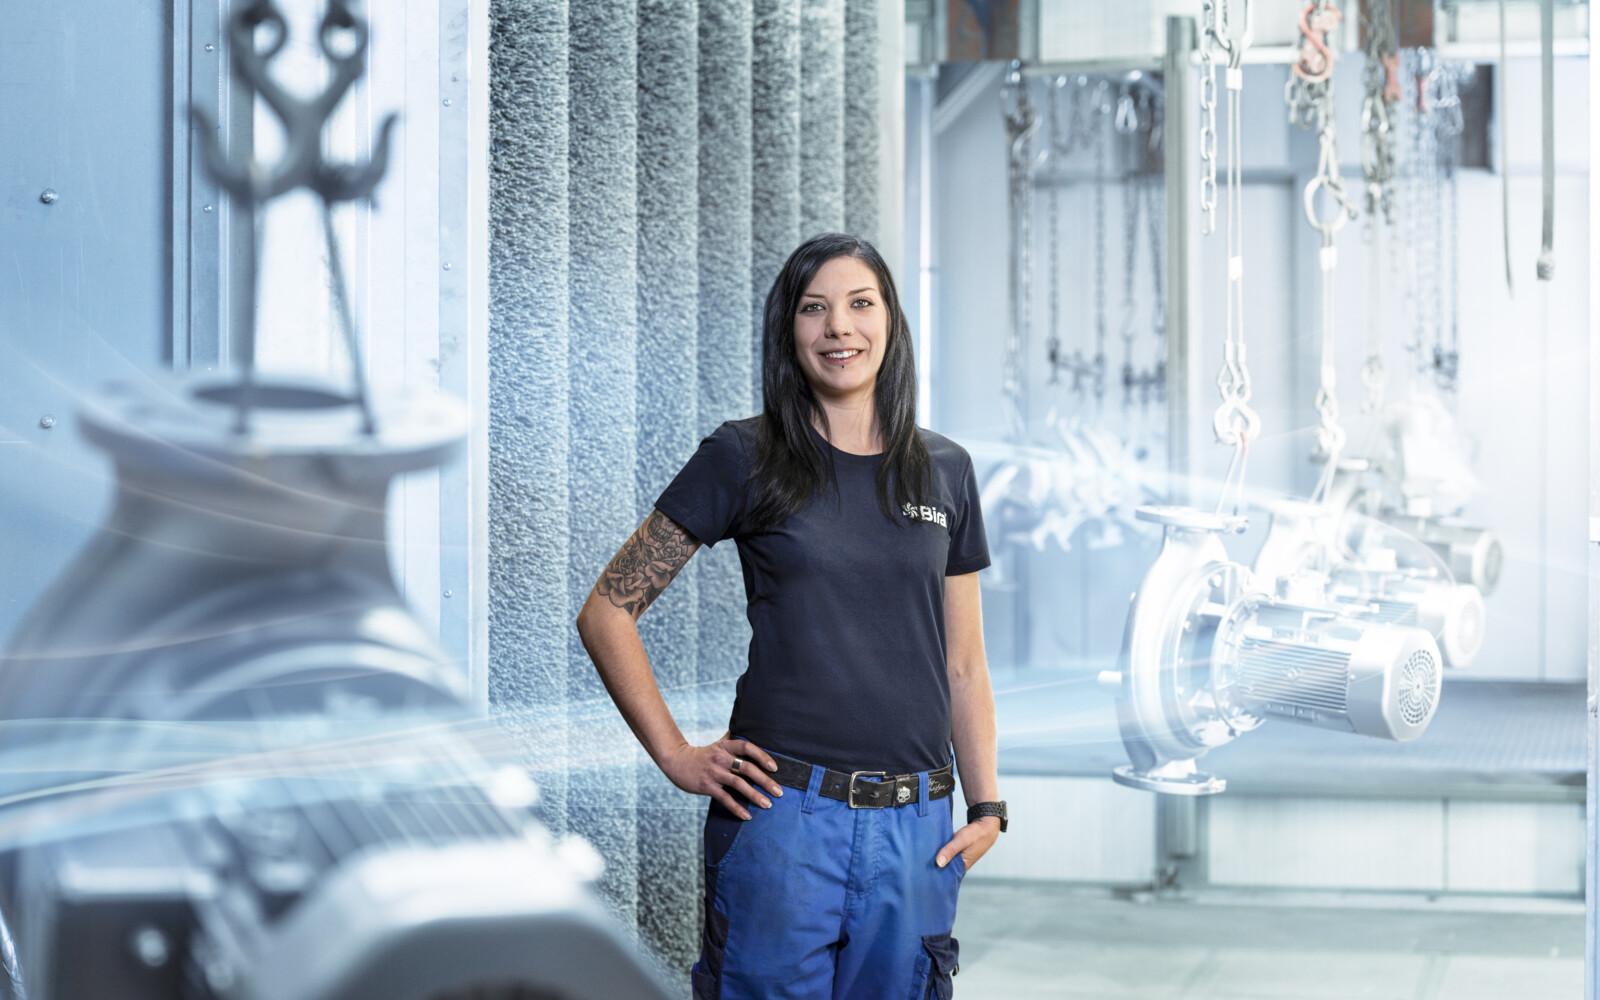 Stefanie Wetli, Repairs department employee